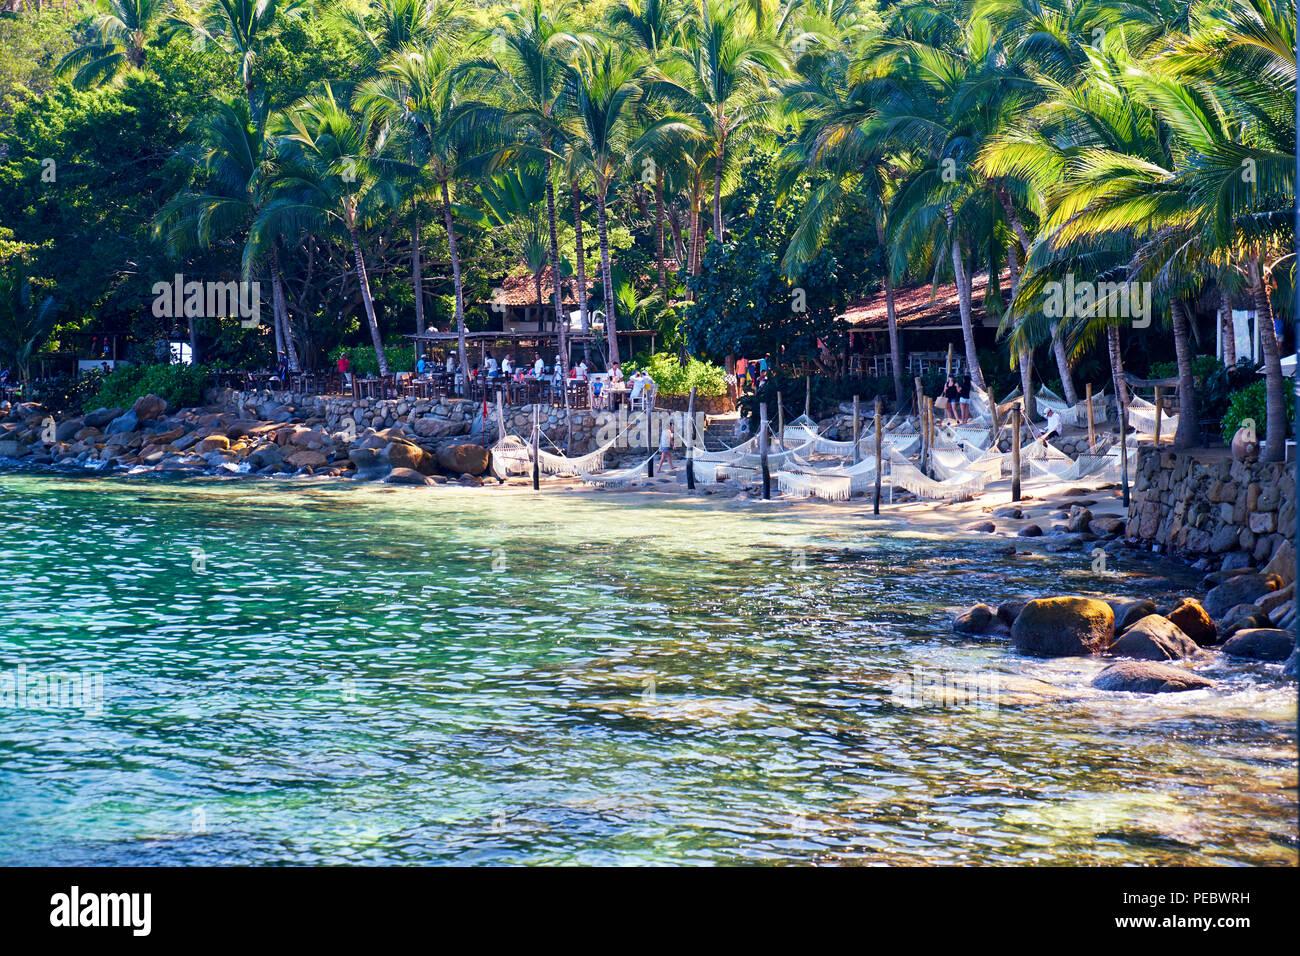 Hängematten und Bars am Strand zurückziehen, Las Caletas, Jalisco, Mexiko Stockbild